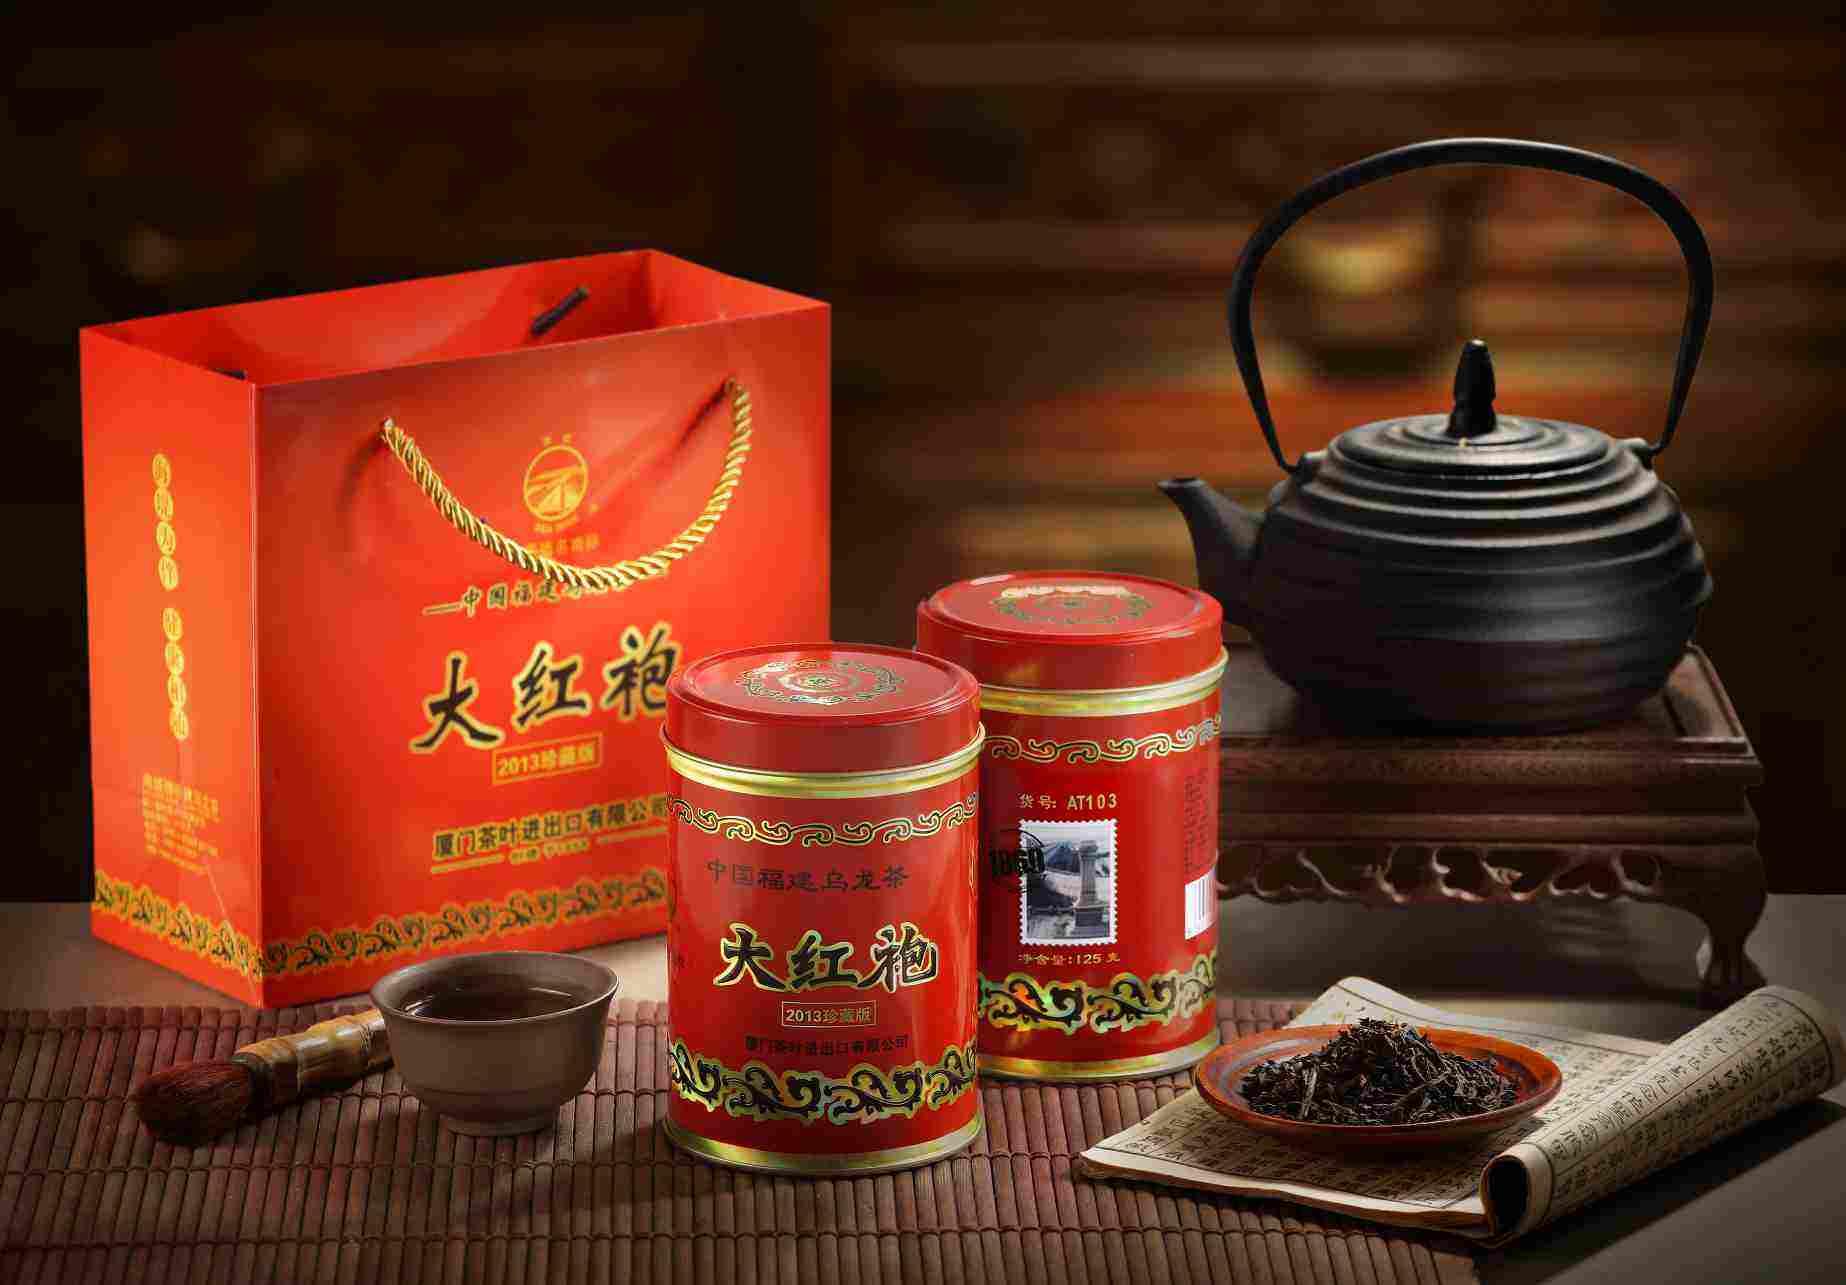 海堤茶叶加盟